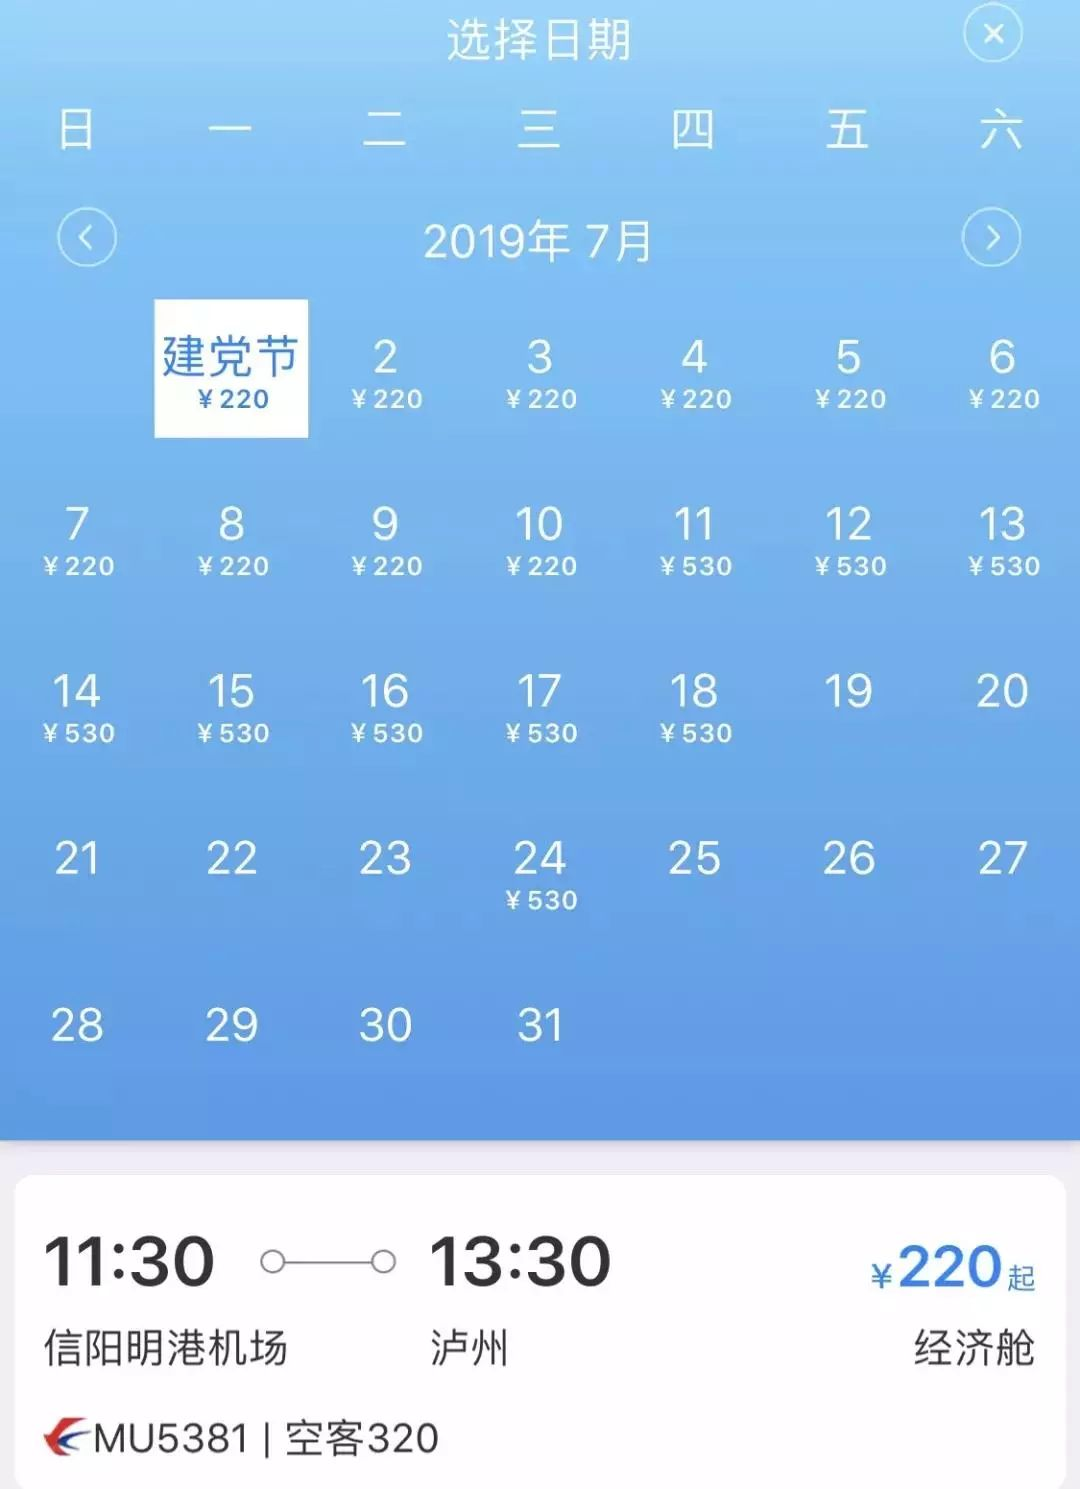 可以�票啦!7月1日起,明港�C�鲇珠_通���城市的航班!